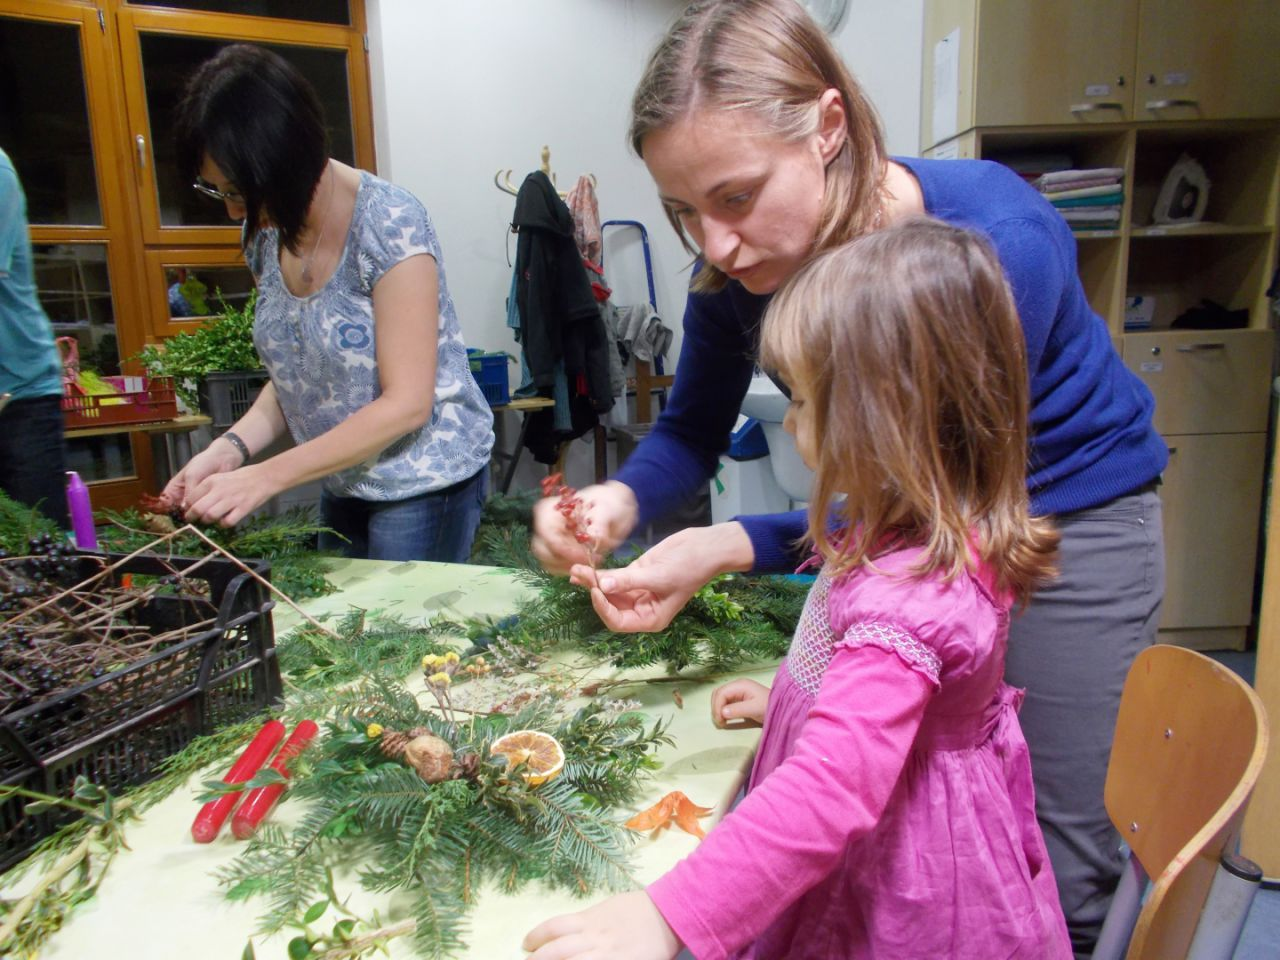 <a href=https://www.salesko.cz/v-salesku-se-rozsvitily-vanocni-svicny/ title='V Salesku se rozsvítily vánoční svícny'>V Salesku se rozsvítily vánoční svícny</a>